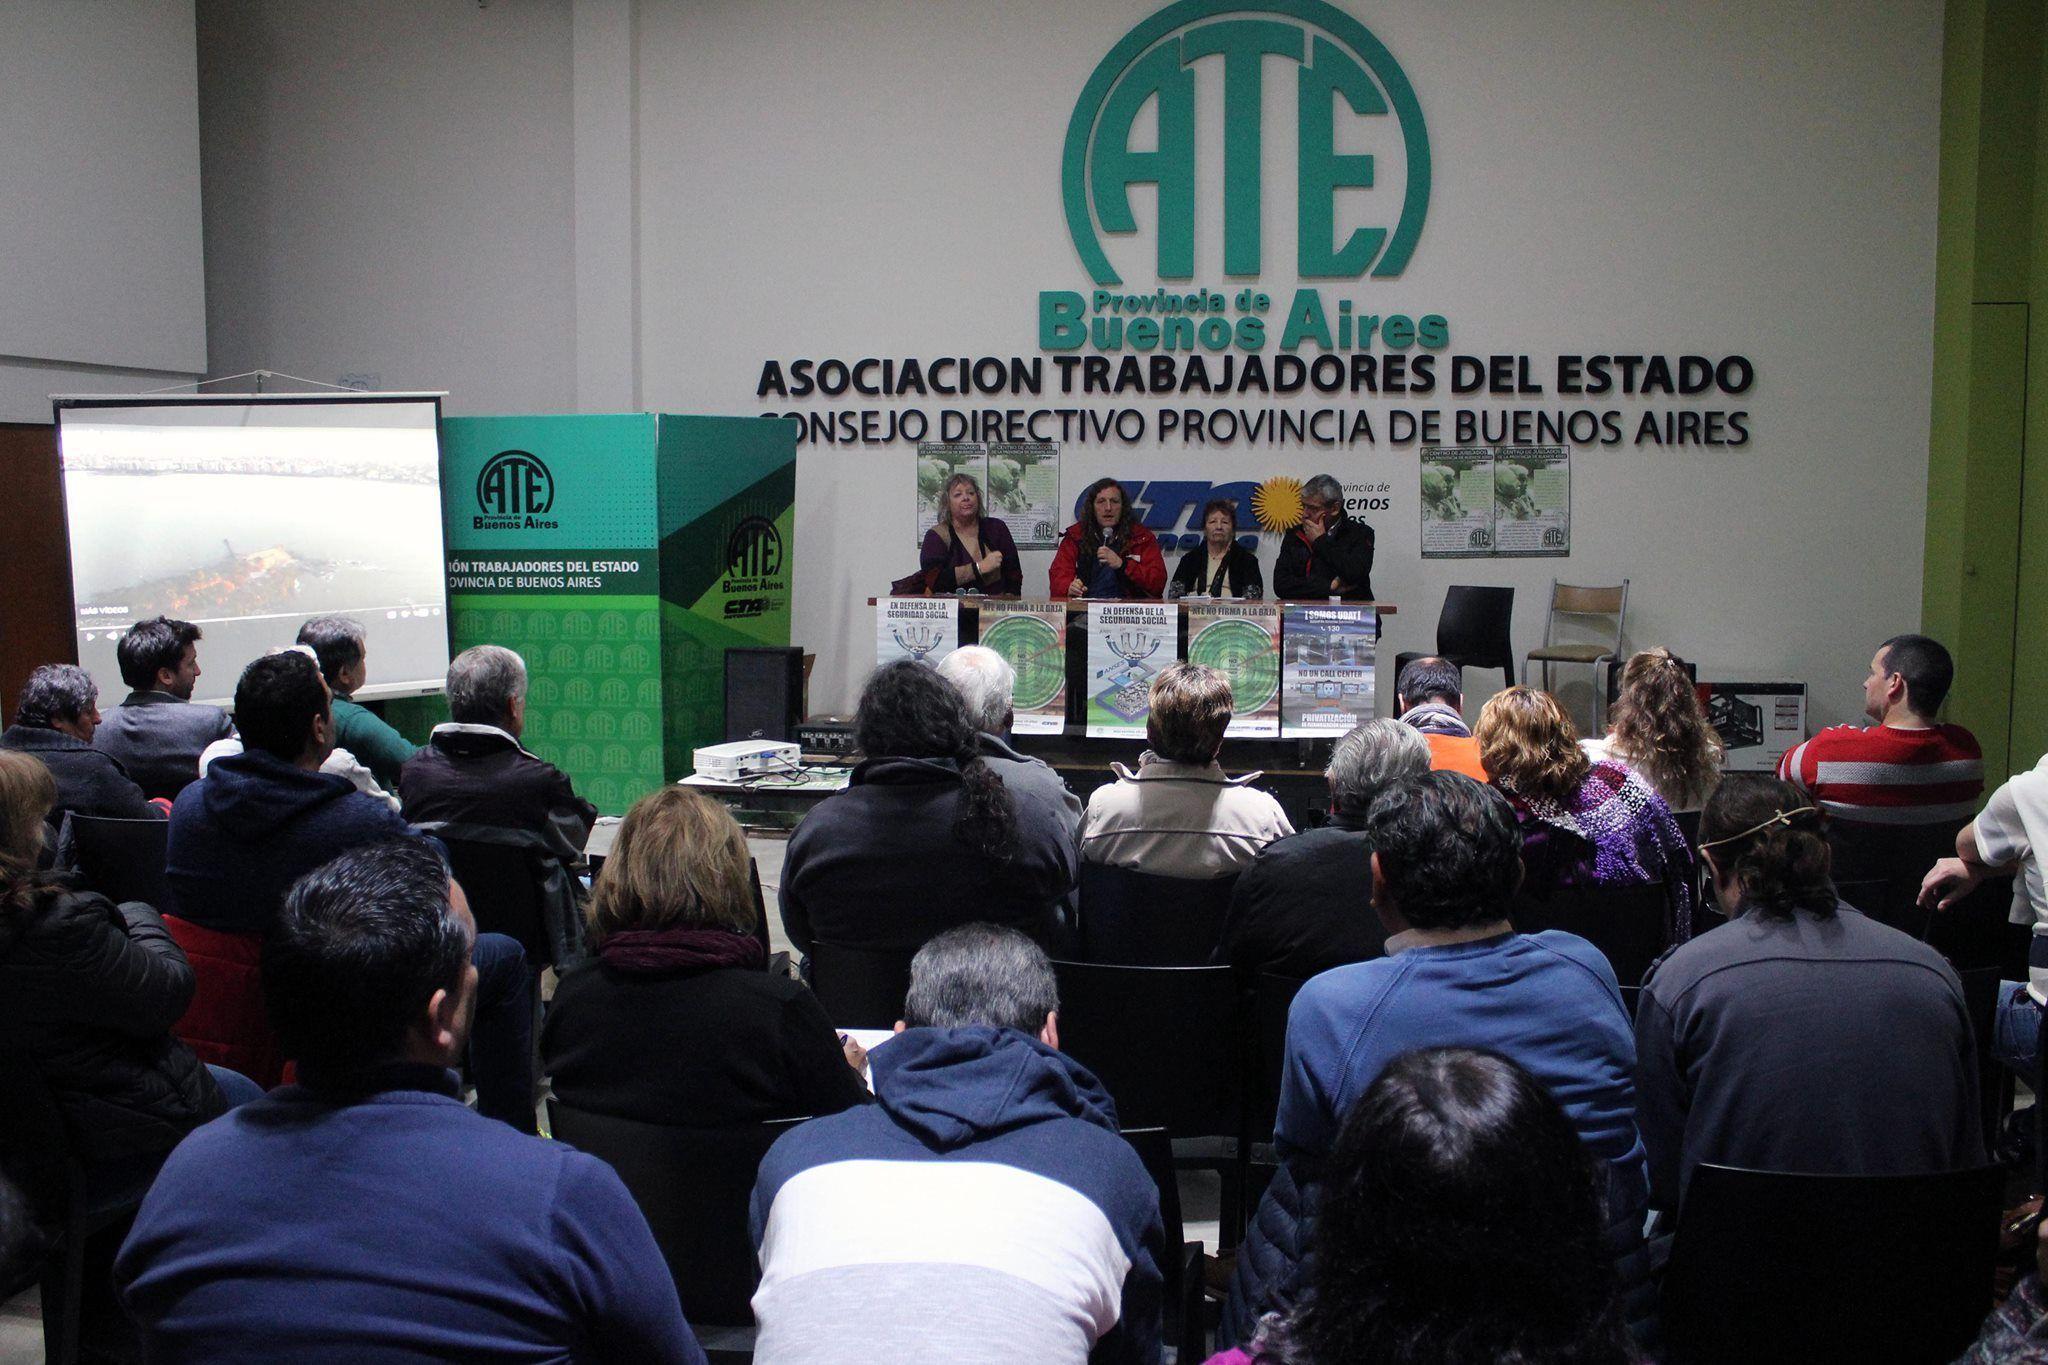 ATE protagonizó una nueva jornada en defensa de la previsión social